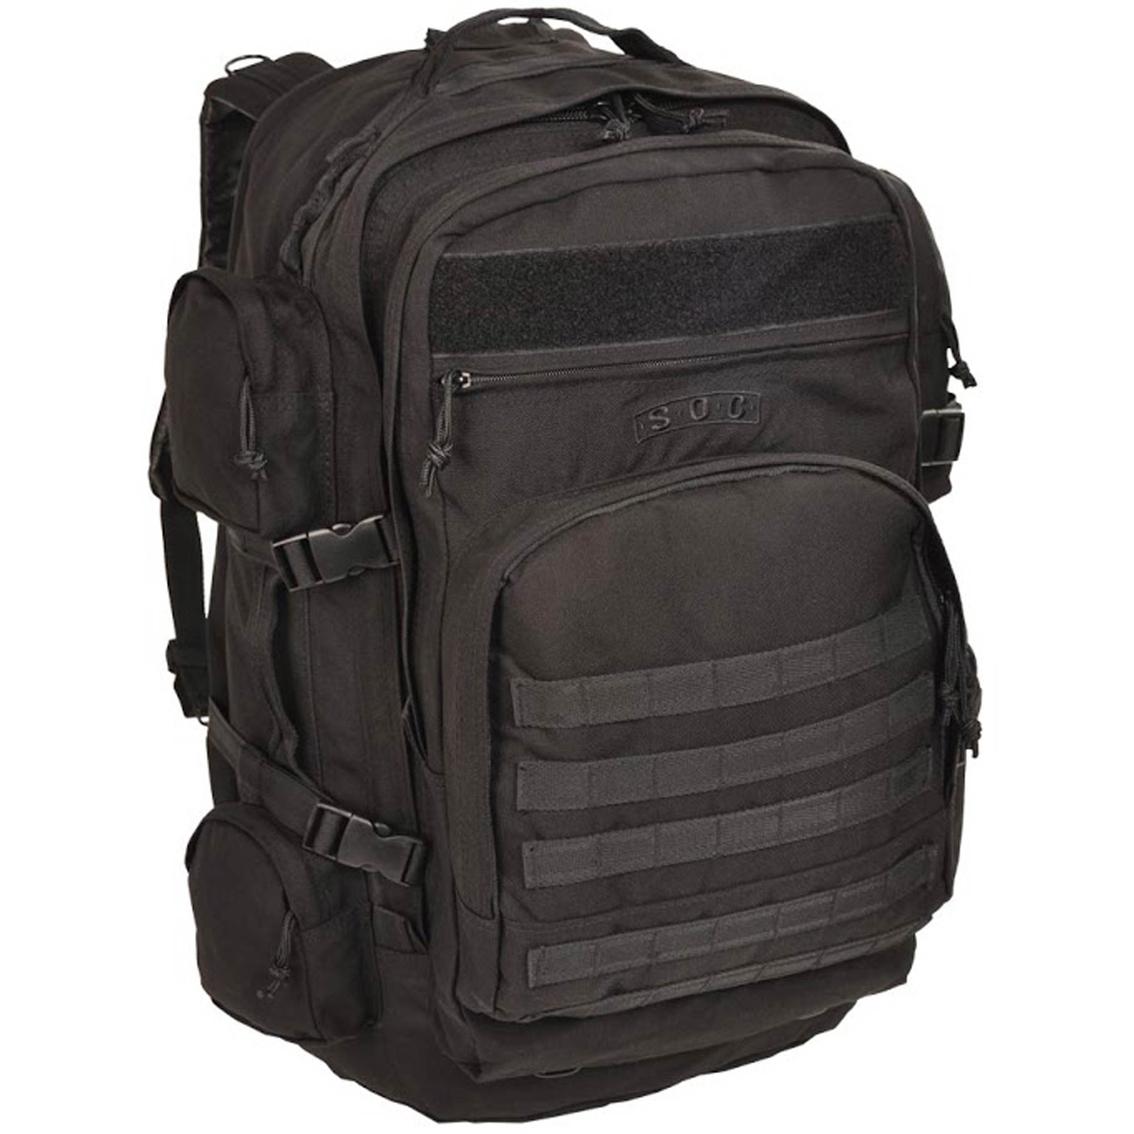 sandpiper of california long range bugout bag backpacks. Black Bedroom Furniture Sets. Home Design Ideas